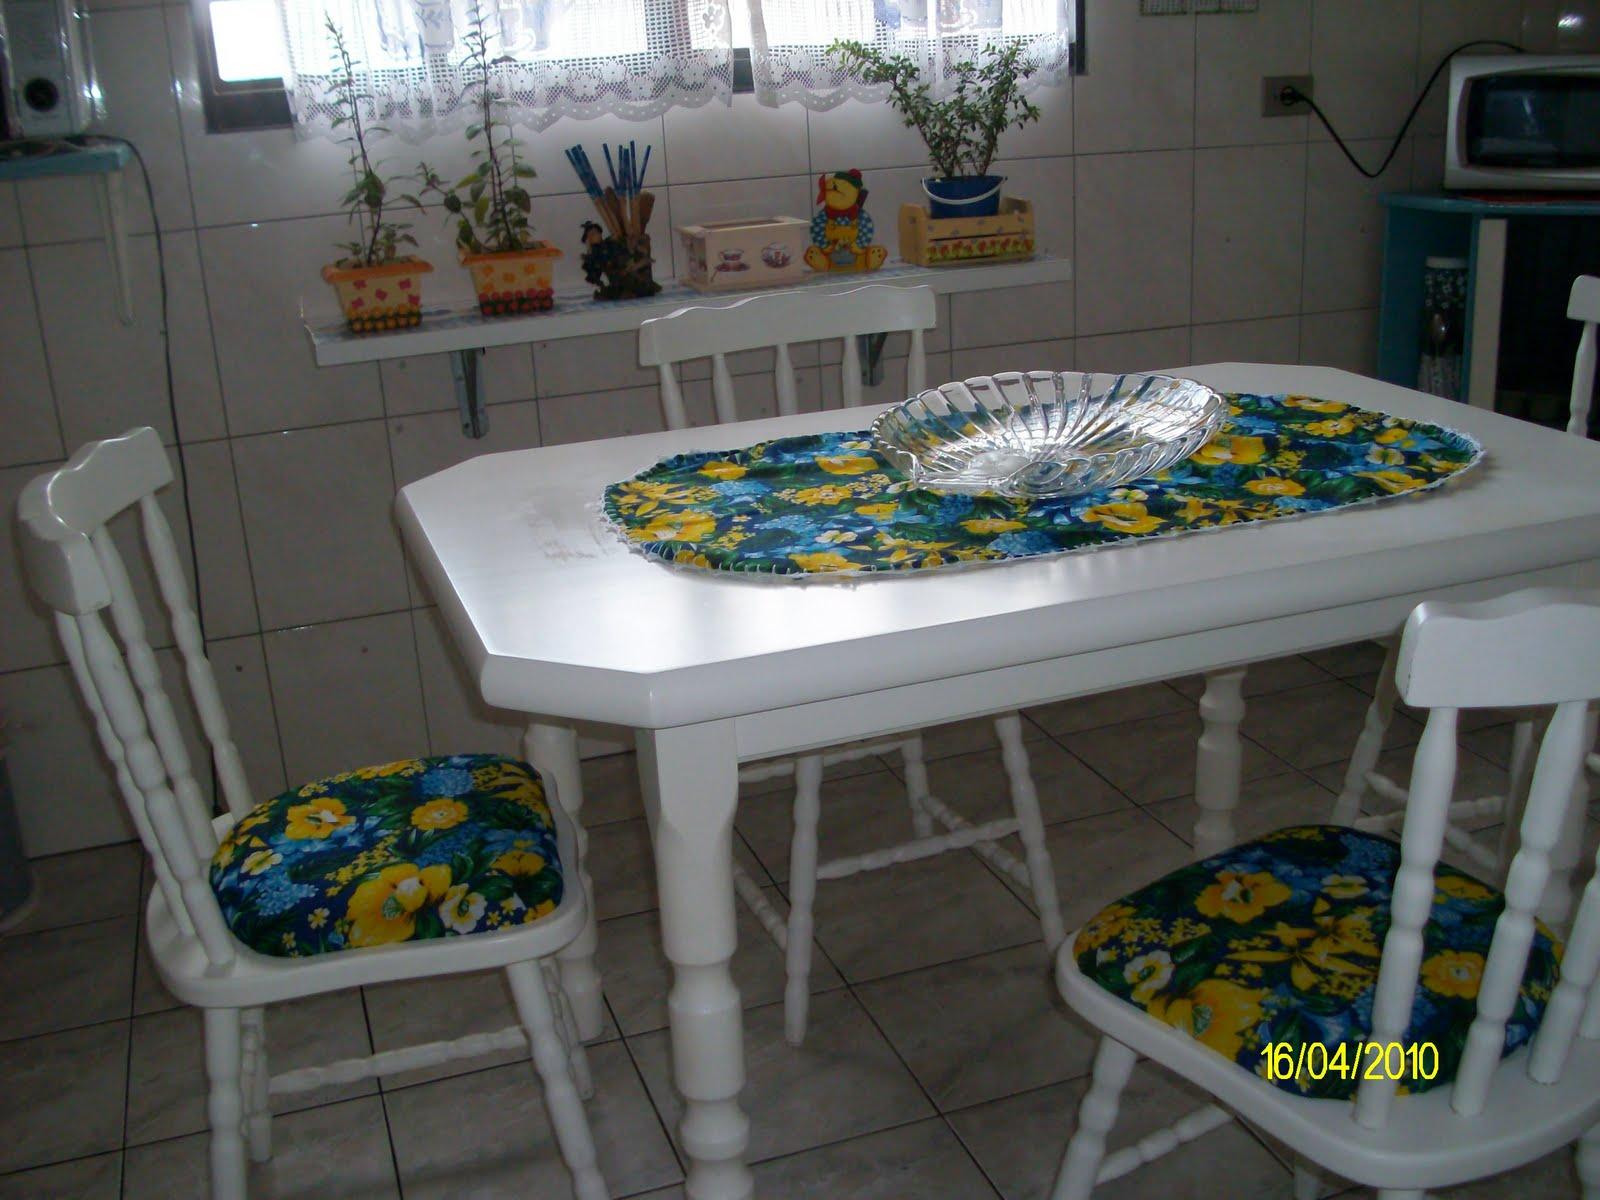 de tecido para forrar as 4 cadeiras e ainda sobrou para fazer uma #2C4960 1600x1200